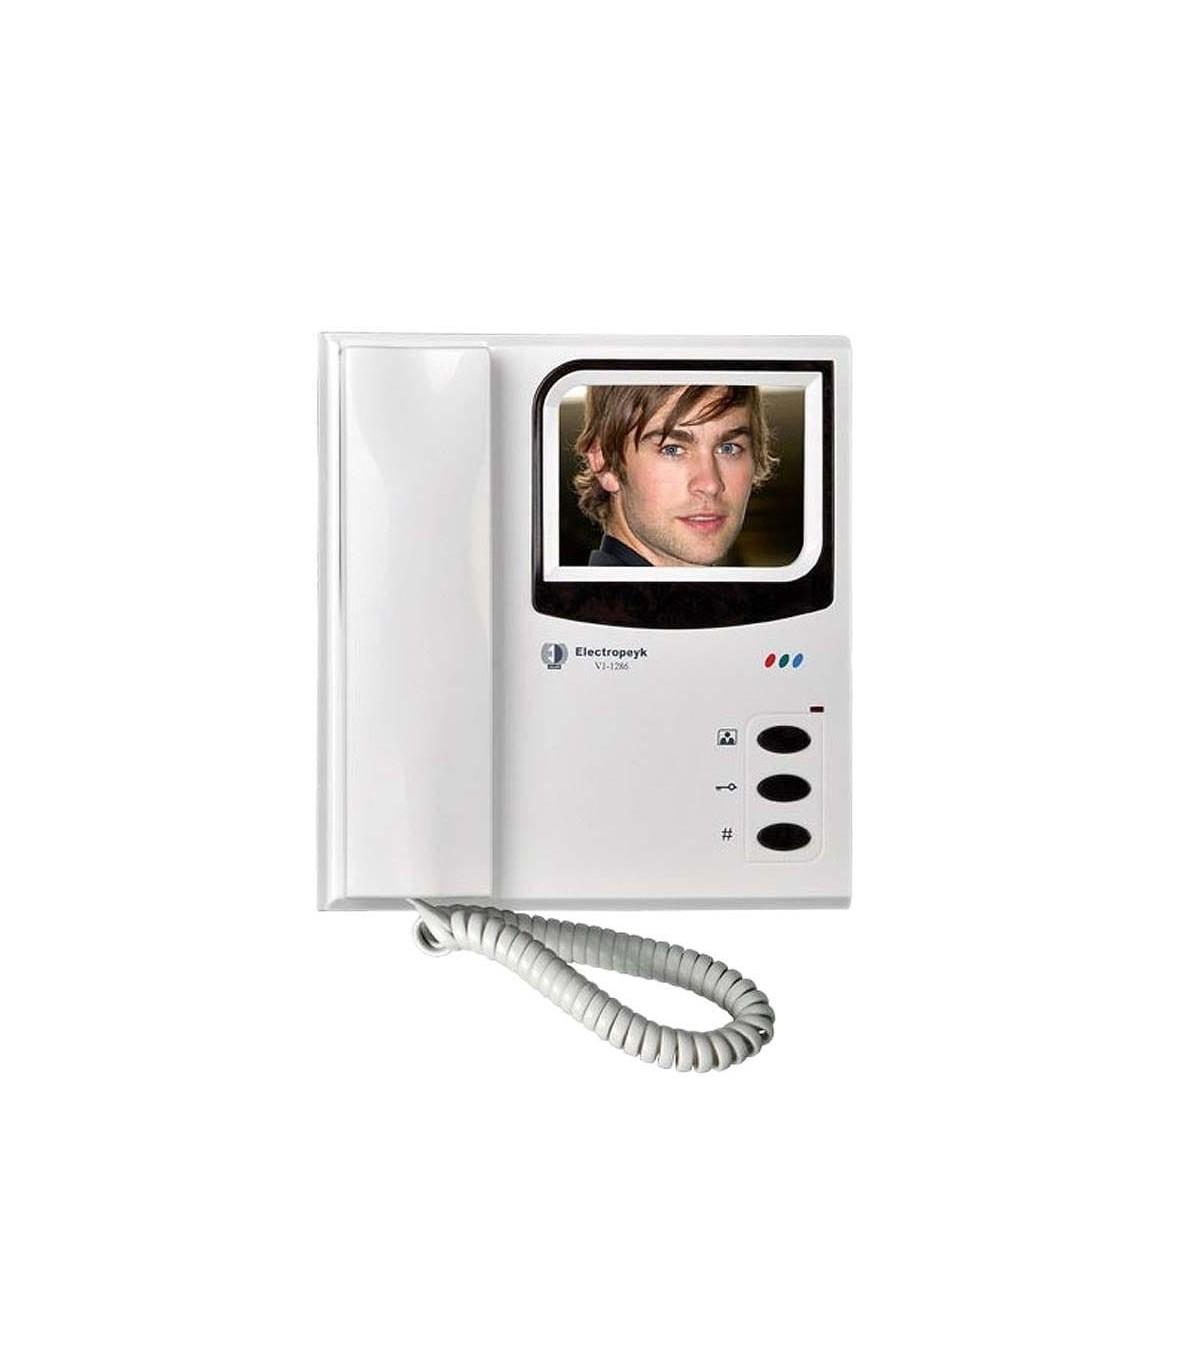 دارای صفحه نمایش 3.5 اینچ رنگی دکمه های فشاری زیر ال سی دی تک رنگ سفید بدون حافظه و قابلیت اتصال به یک پنل نصب سویچر هوشمند به دو پنل اتصال می یابد